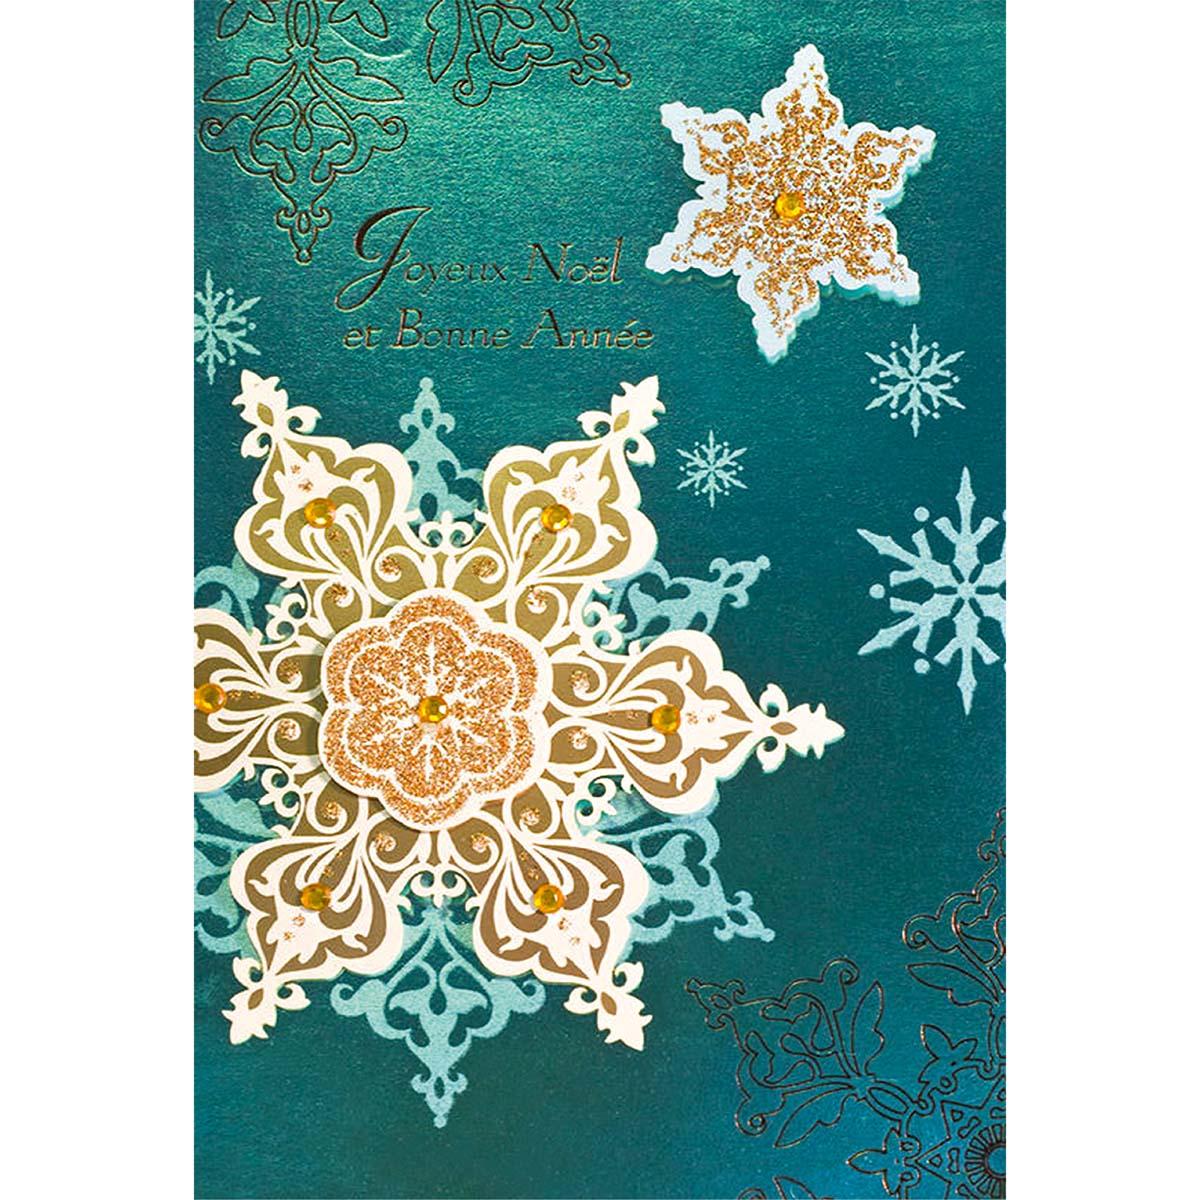 Carte de voeux joyeuses fêtes flocons en or